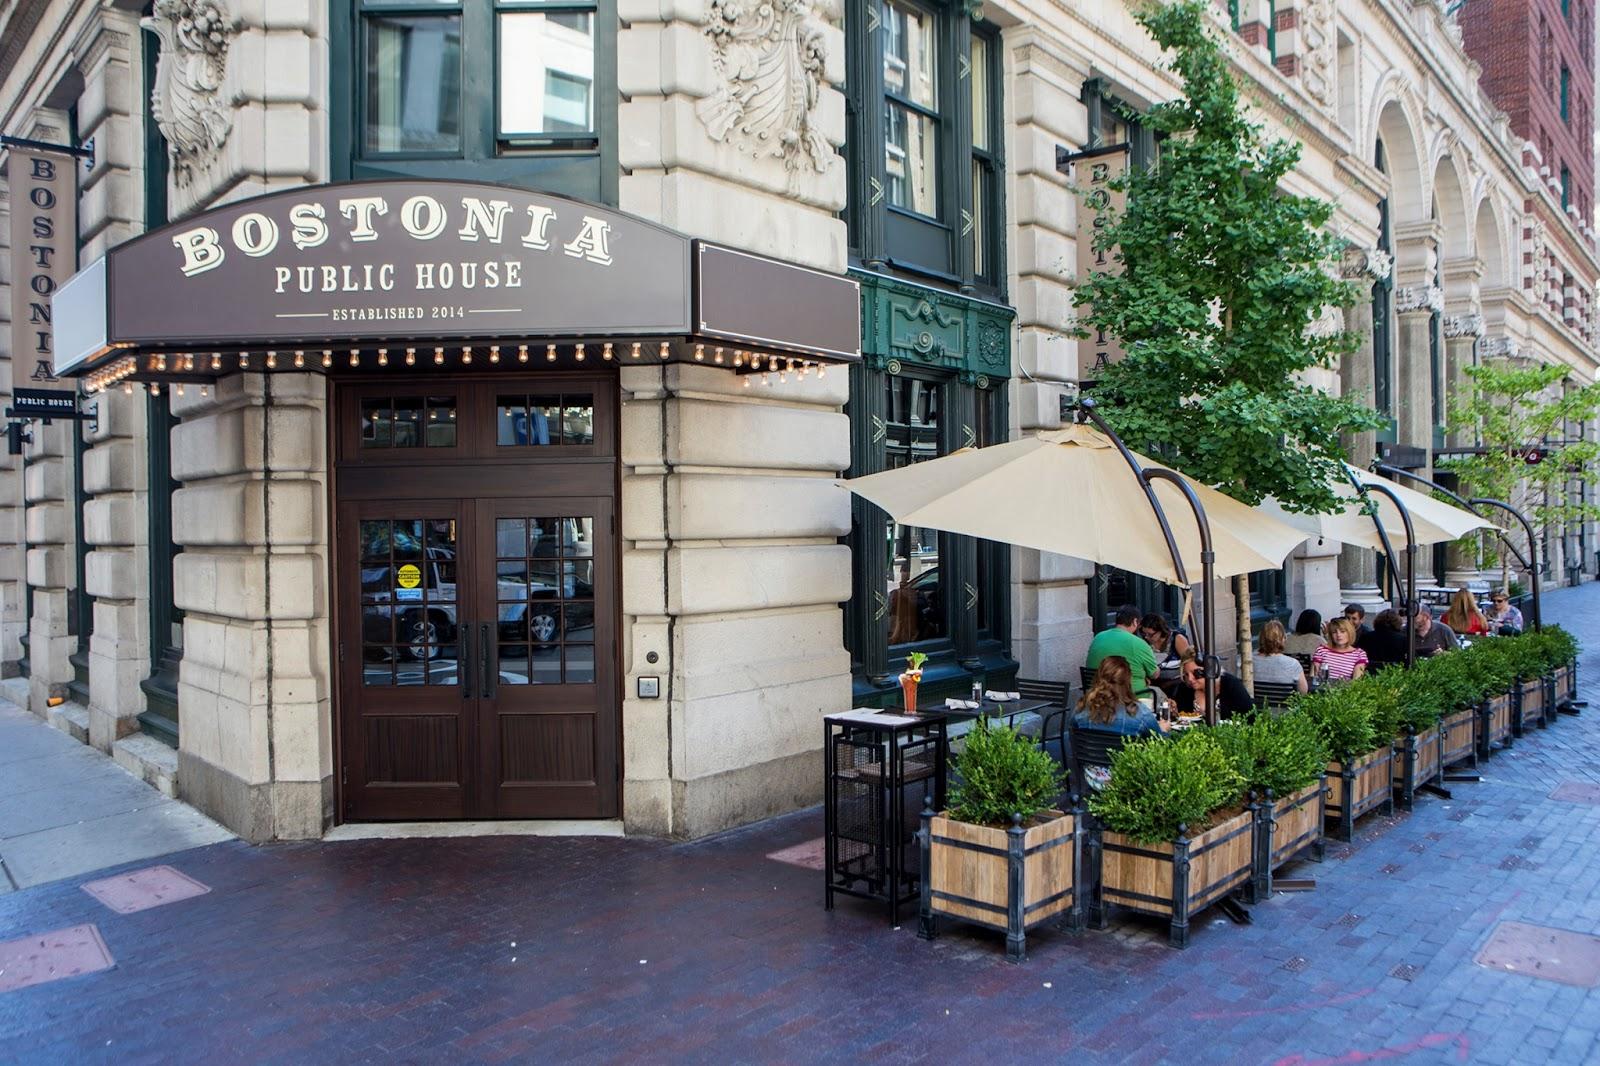 Boston restaurants for groups